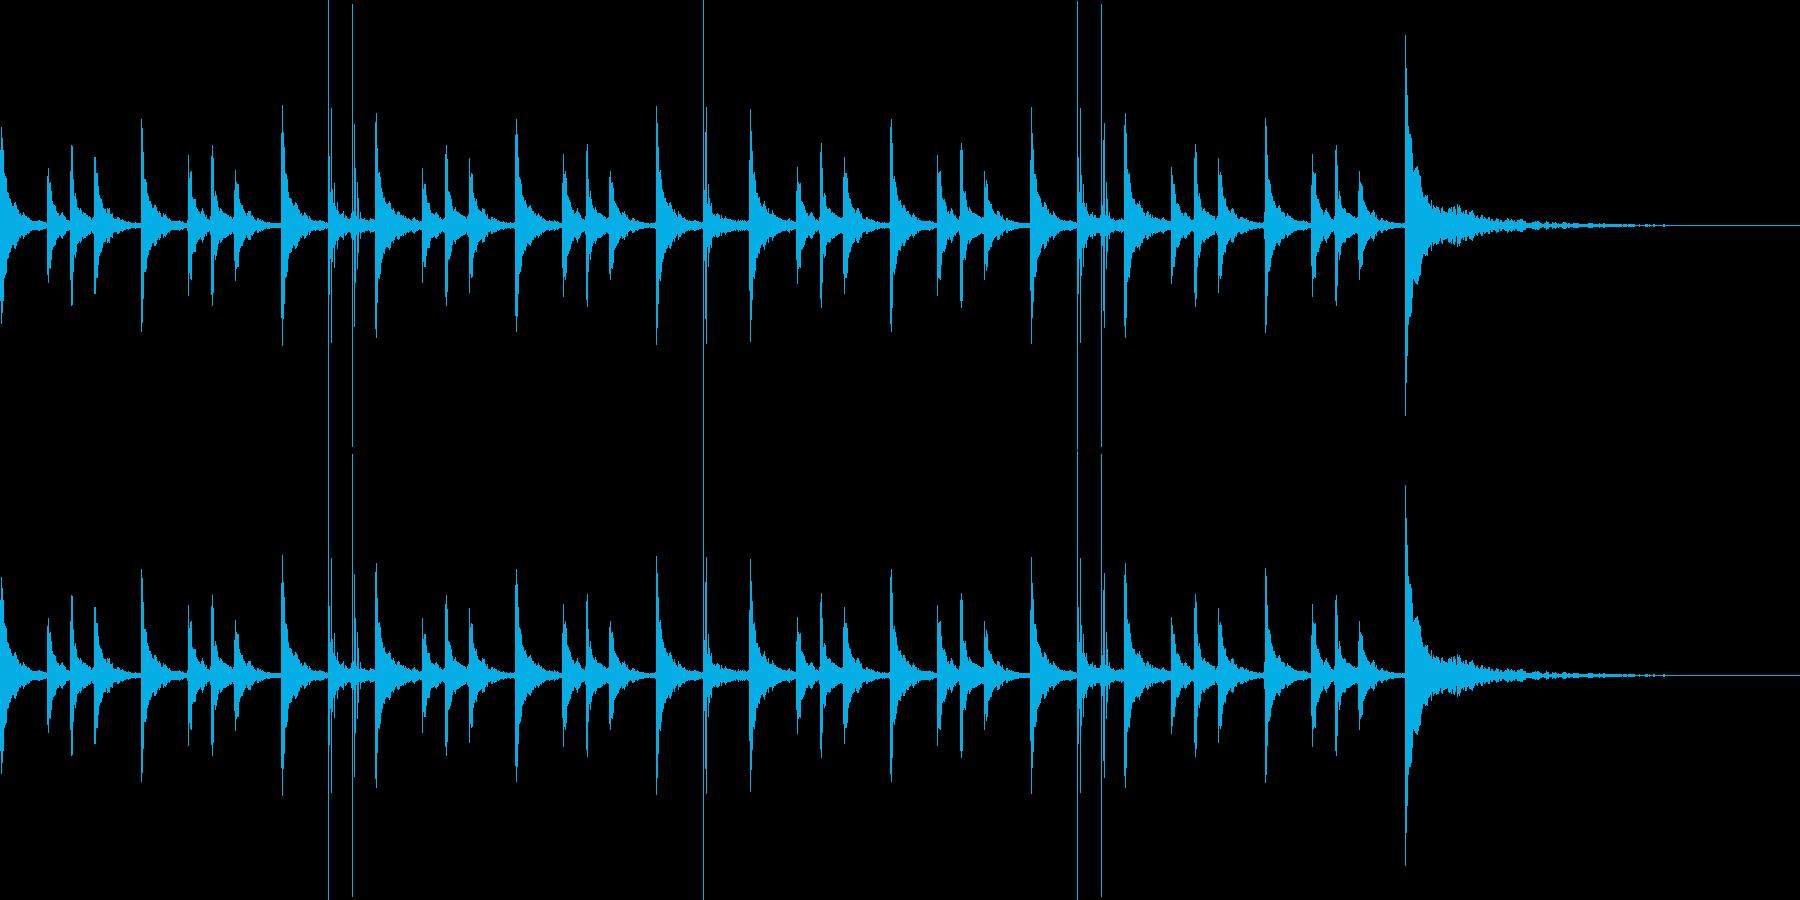 パーカッションのジングルの再生済みの波形